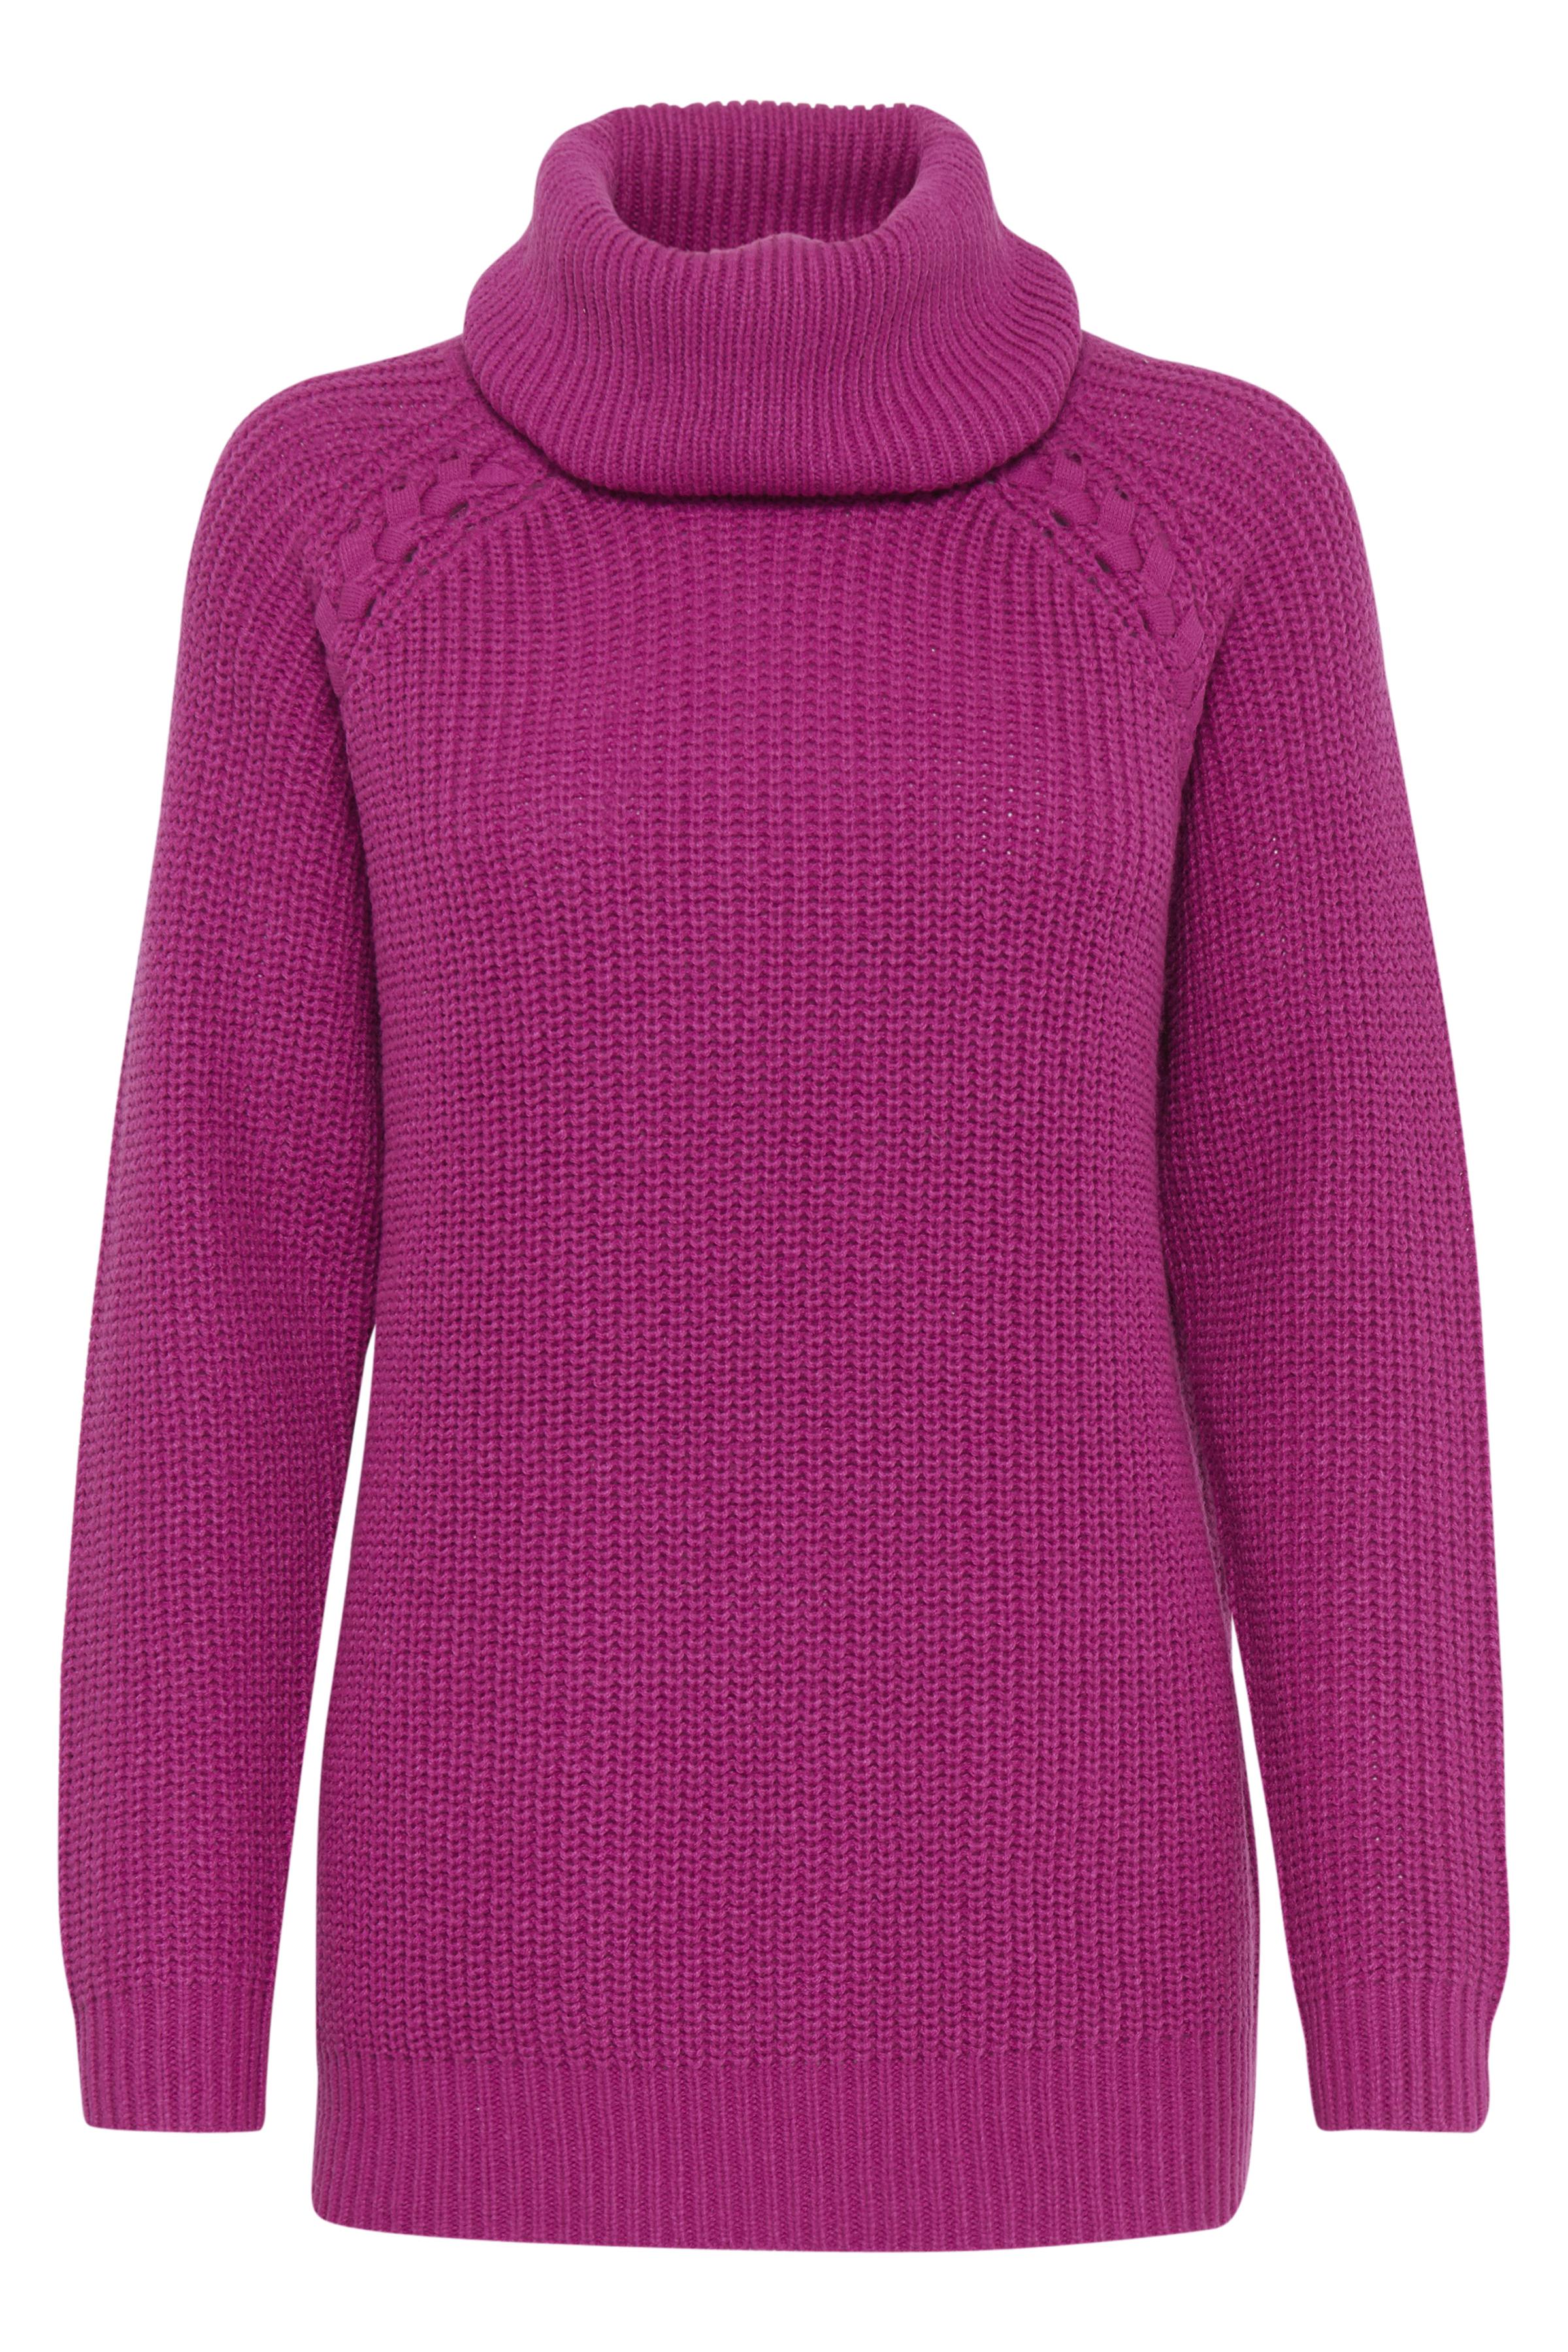 Mørk pink Strikpullover fra b.young – Køb Mørk pink Strikpullover fra str. XS-XXL her